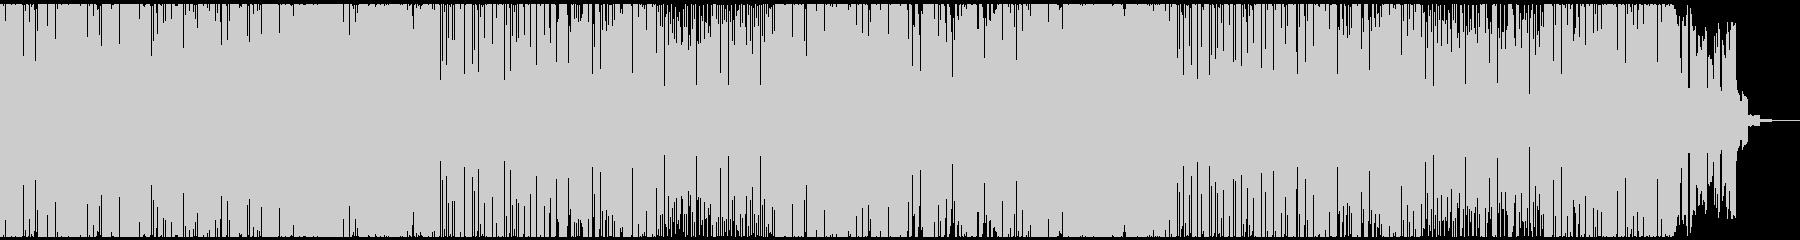 ゲーム・映像に 軽快で可愛いEDMの未再生の波形